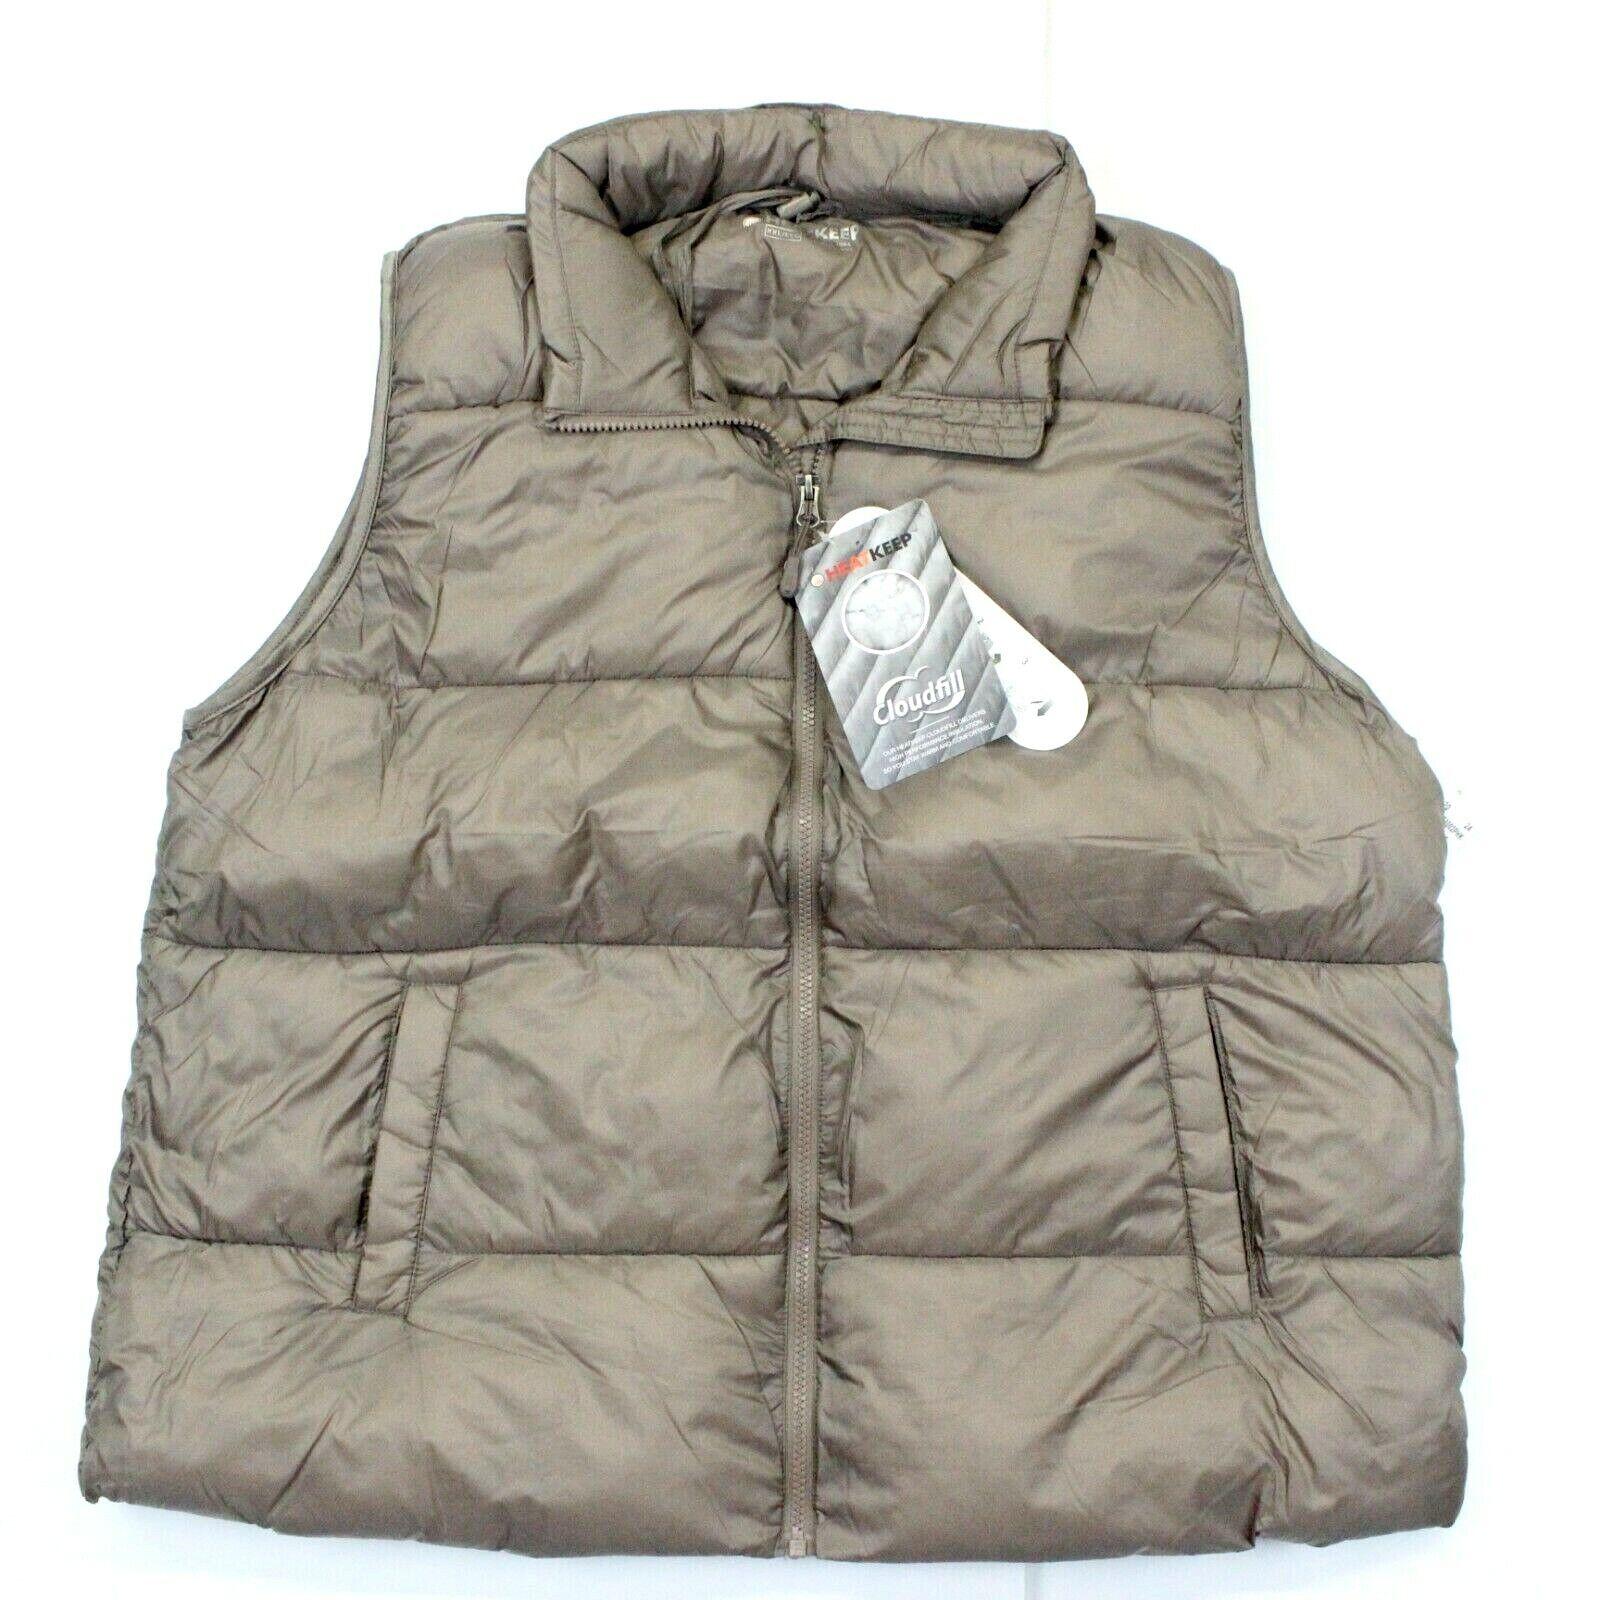 Women's HeatKeep Packable Puffer Vest - Cloudfill - Taupe - XXL